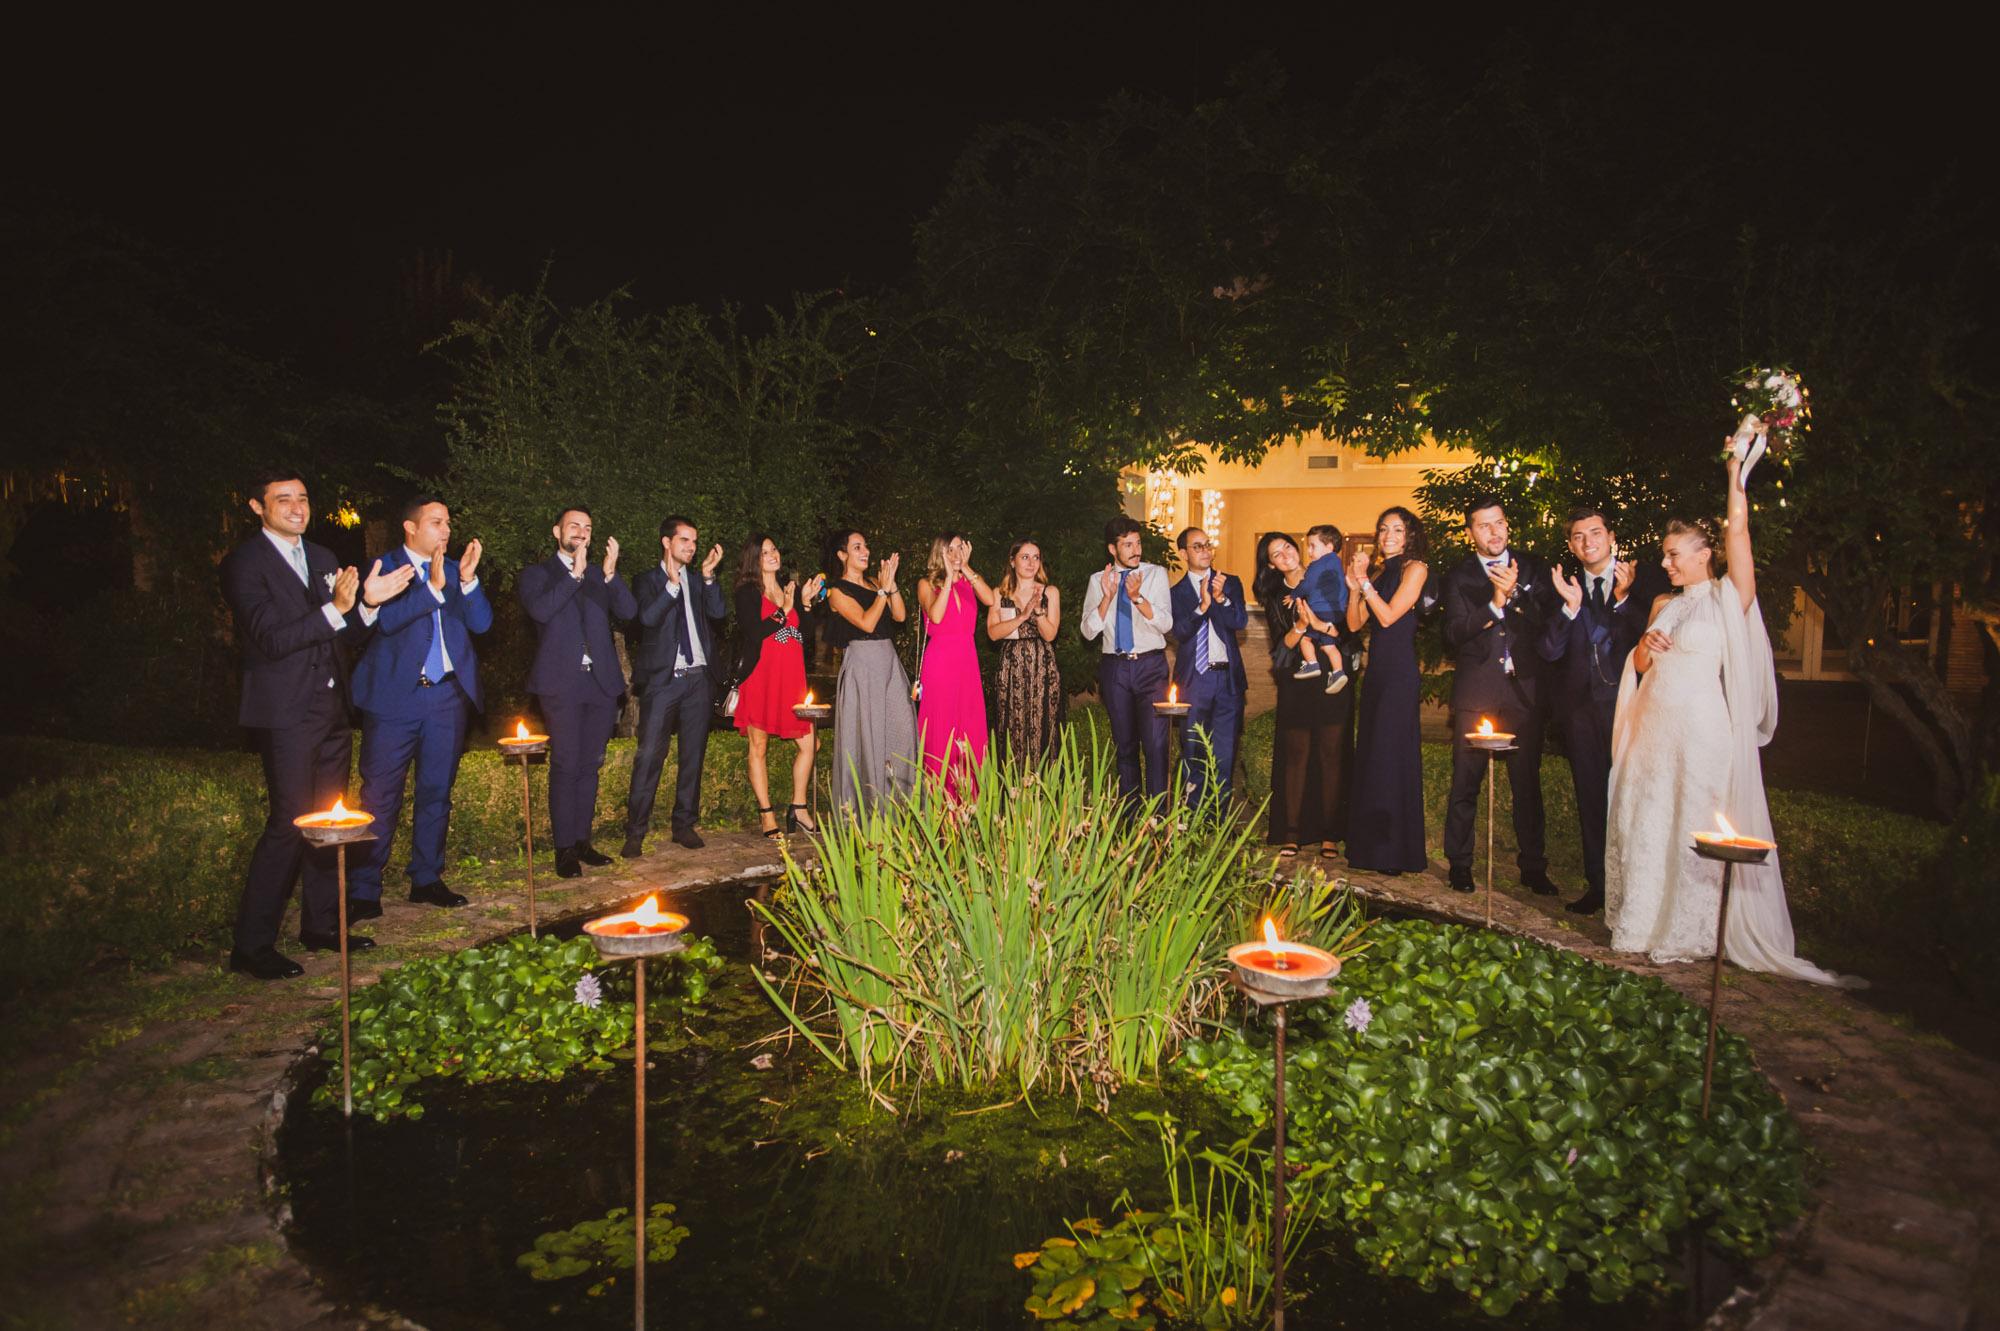 loretifoto – villa rosantica – sant alessio aventino – reportage matrimonio roma-46